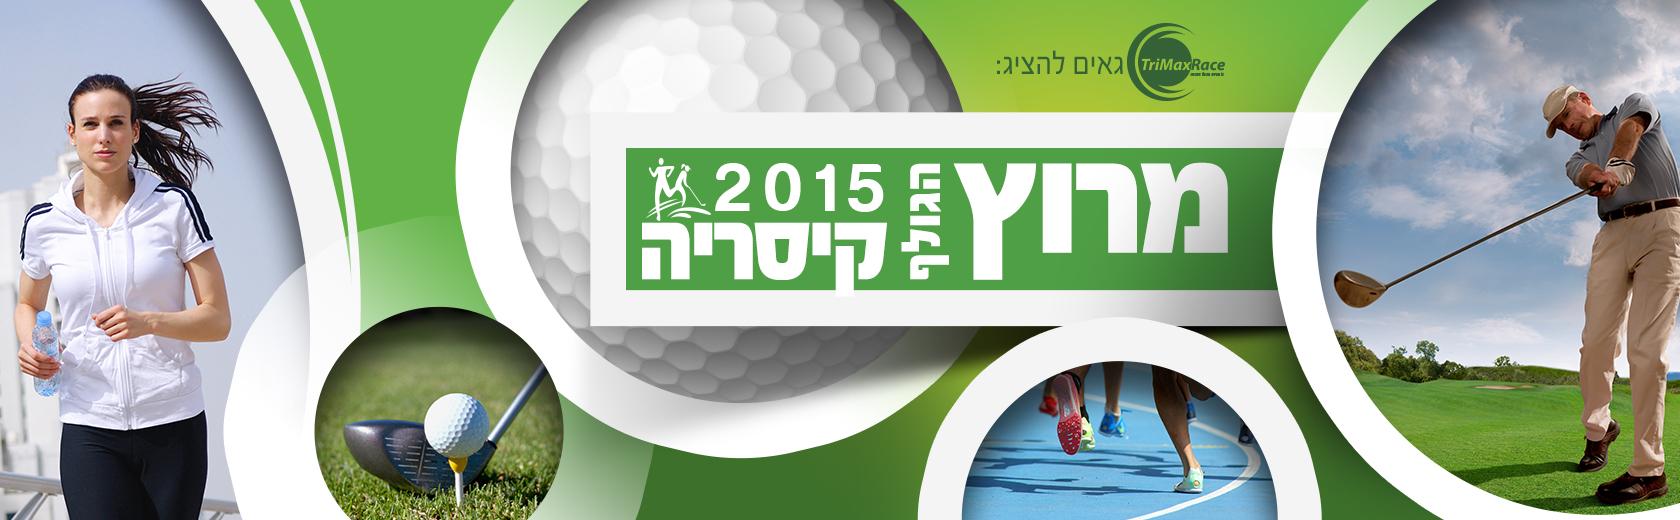 מרוץ הגולף קיסריה 5.2.15